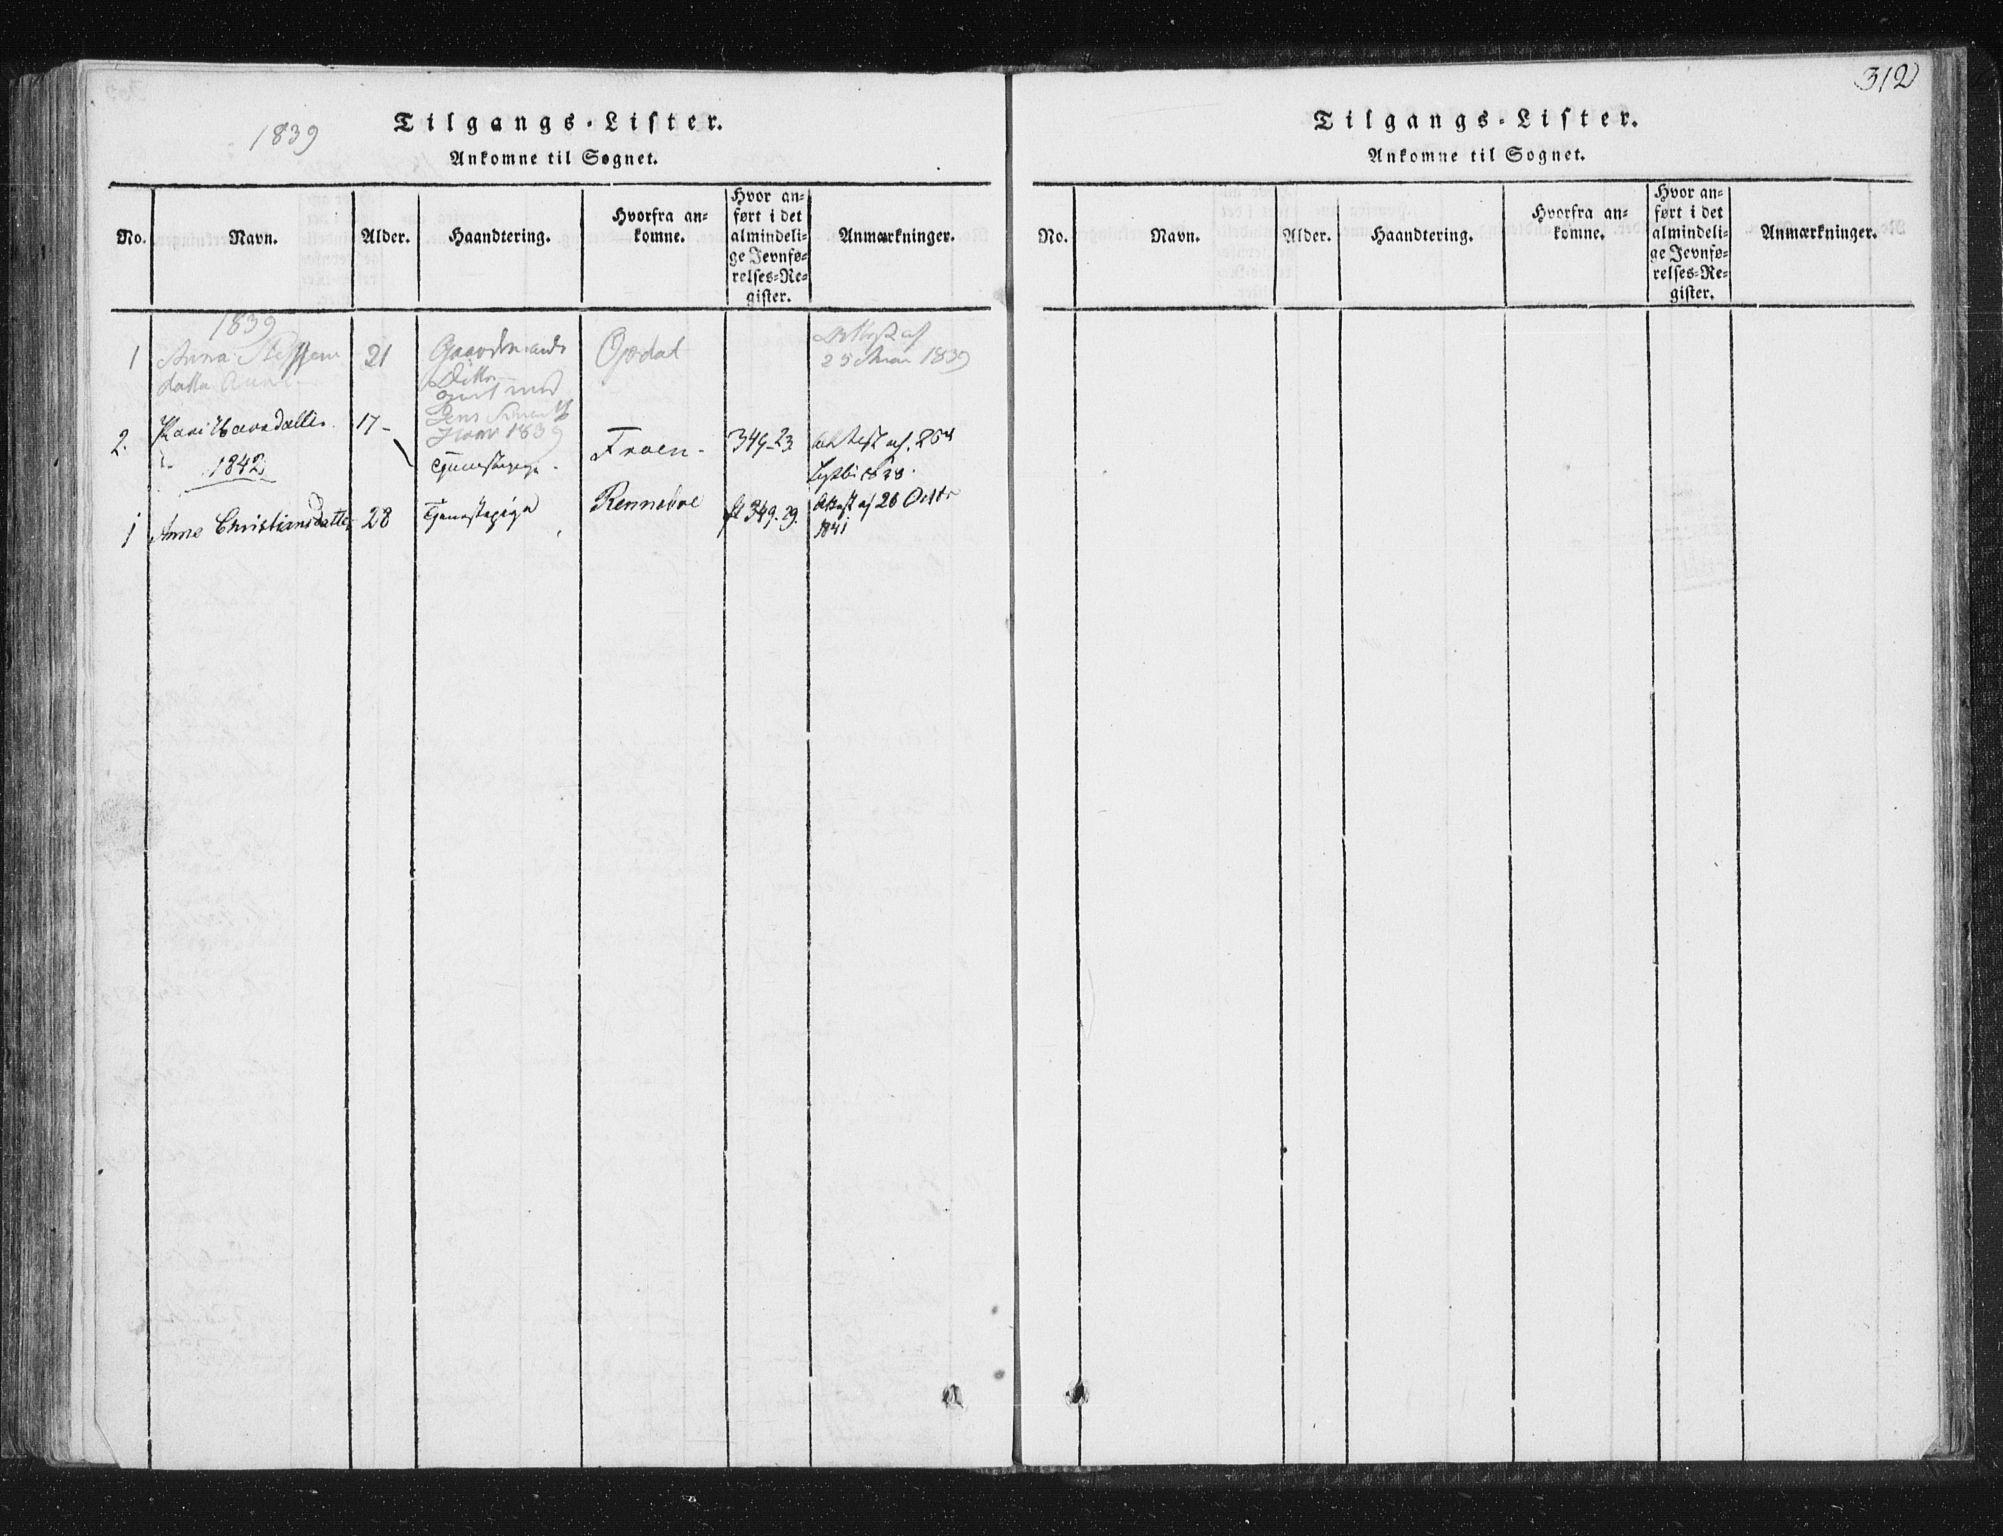 SAT, Ministerialprotokoller, klokkerbøker og fødselsregistre - Sør-Trøndelag, 689/L1037: Ministerialbok nr. 689A02, 1816-1842, s. 312